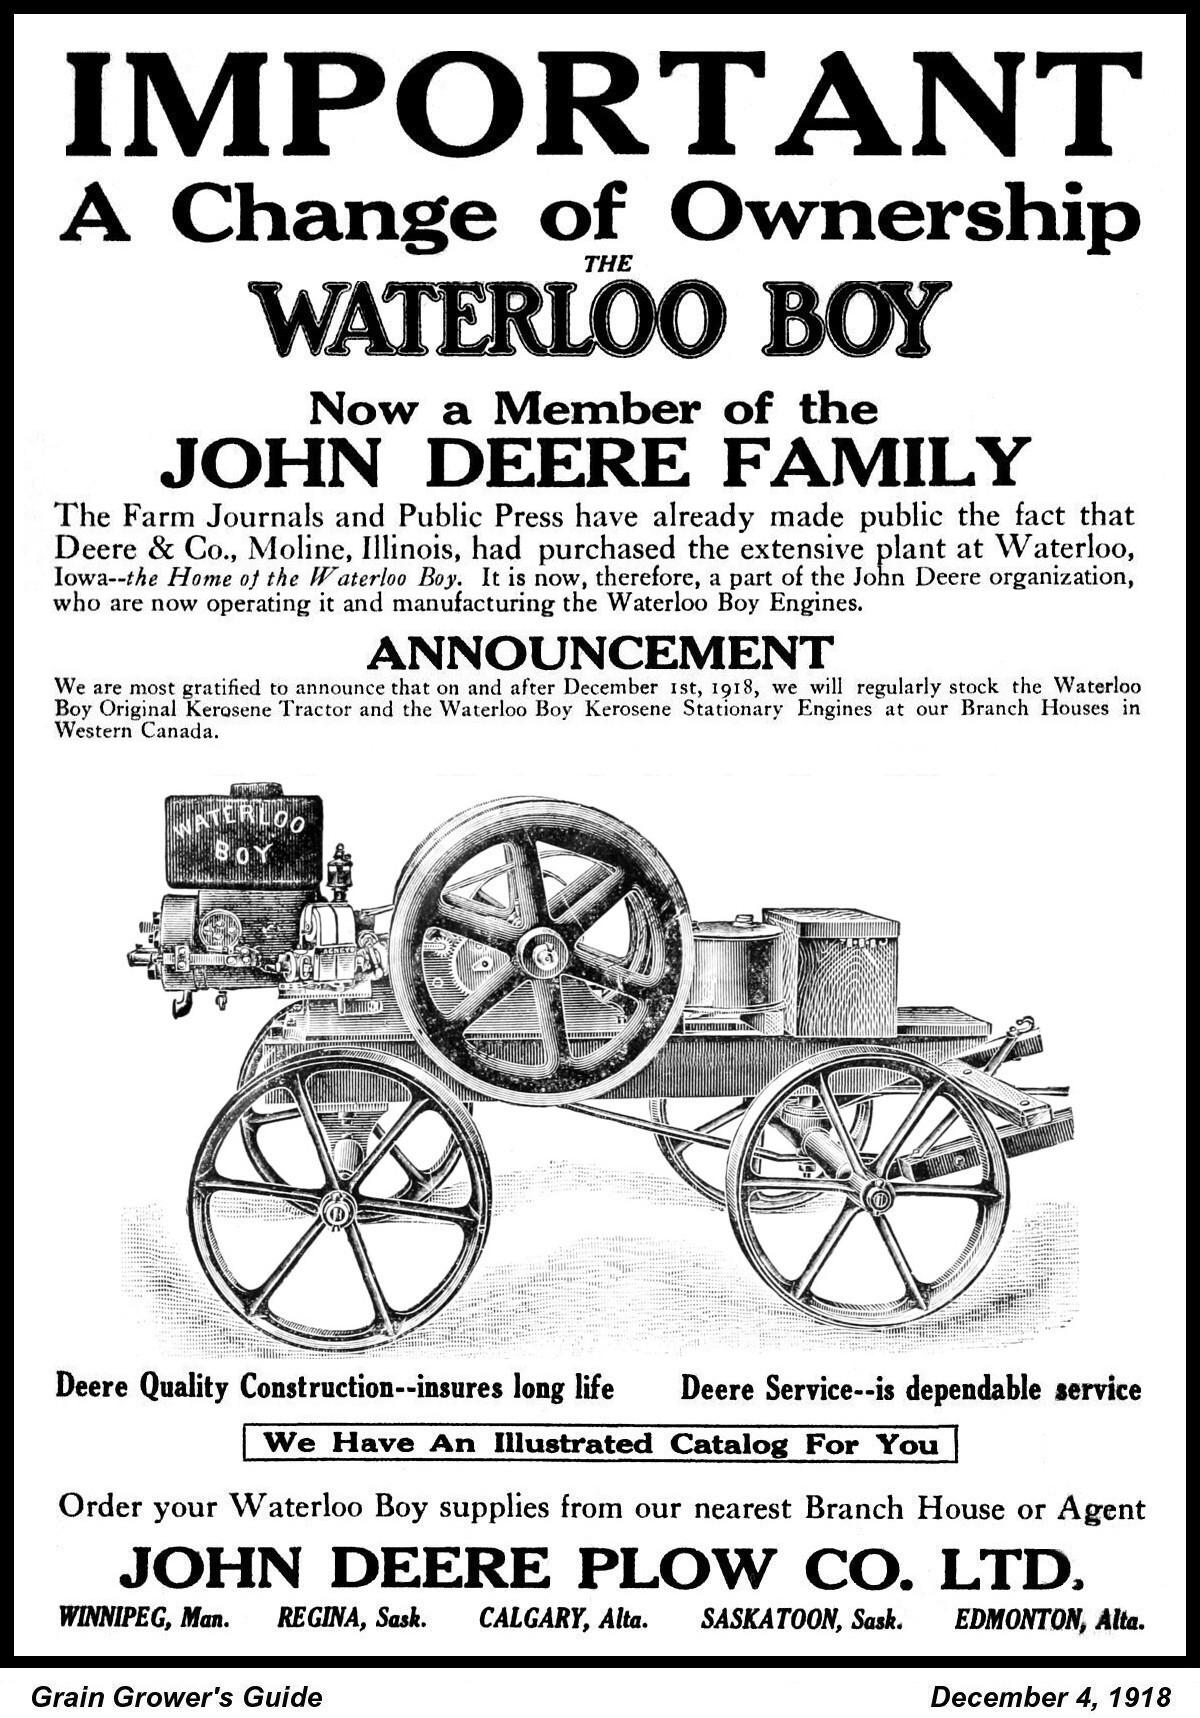 Waterloo Boy Now By John Deere